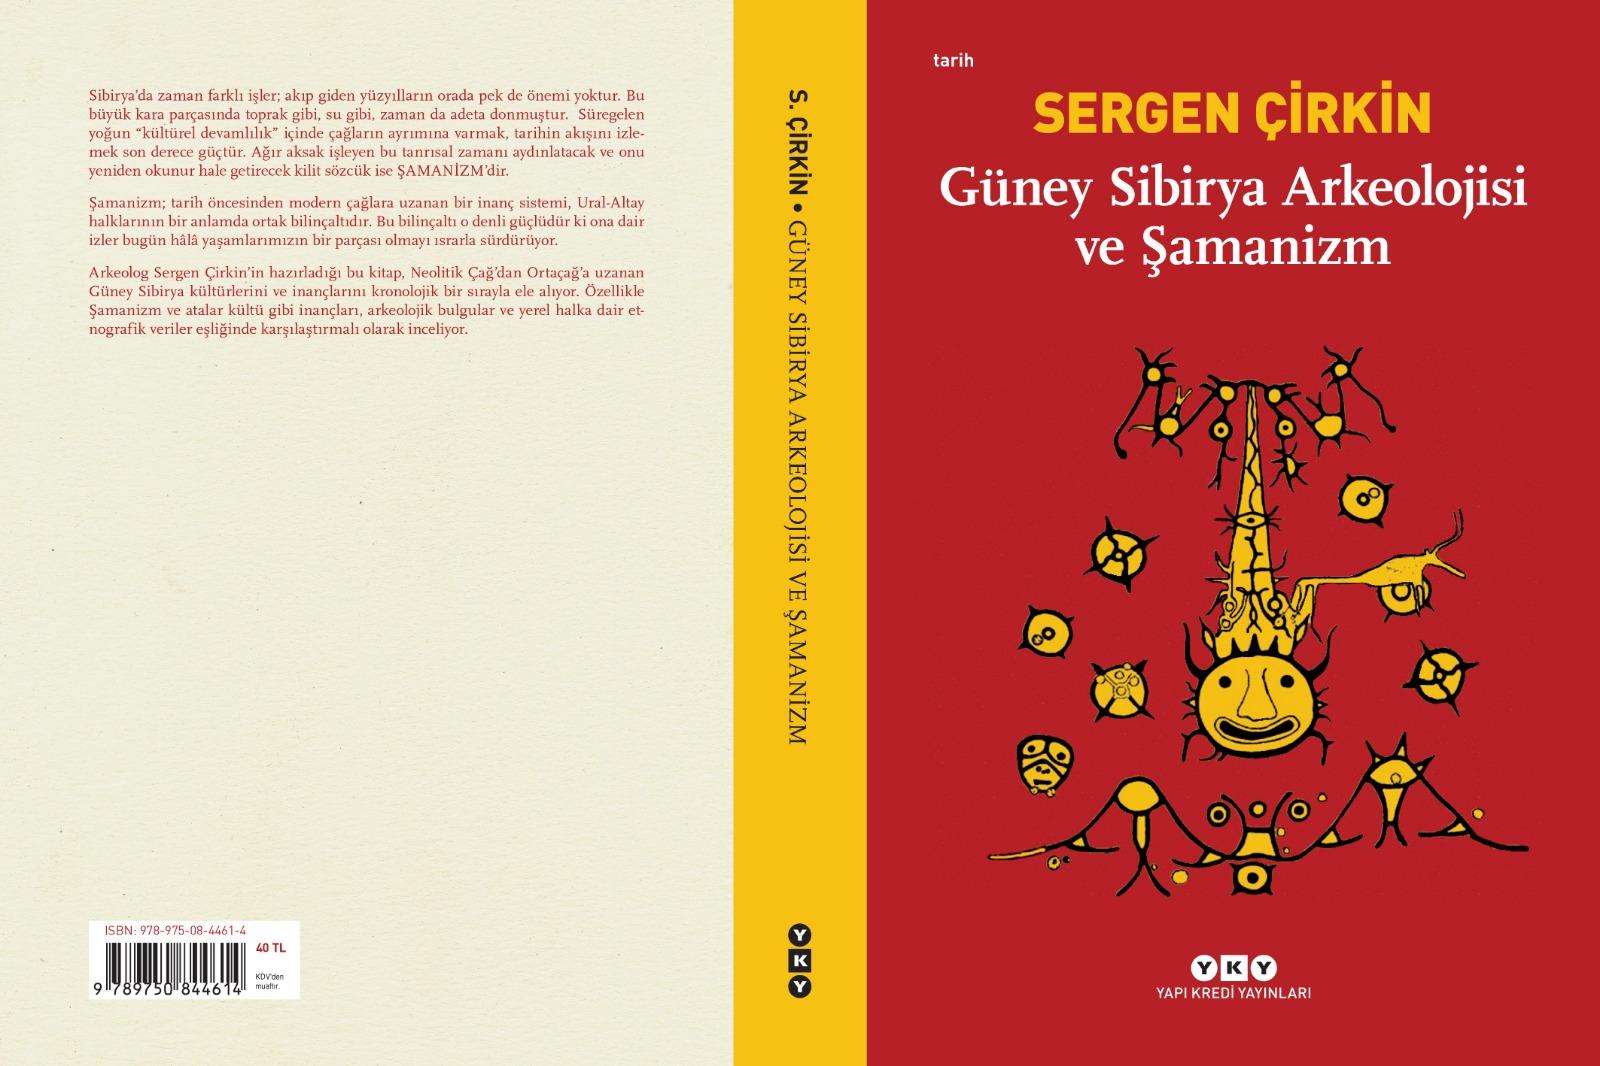 Sergen Çirkin-Güney Sibirya Arkeolojisi ve Şamanizm